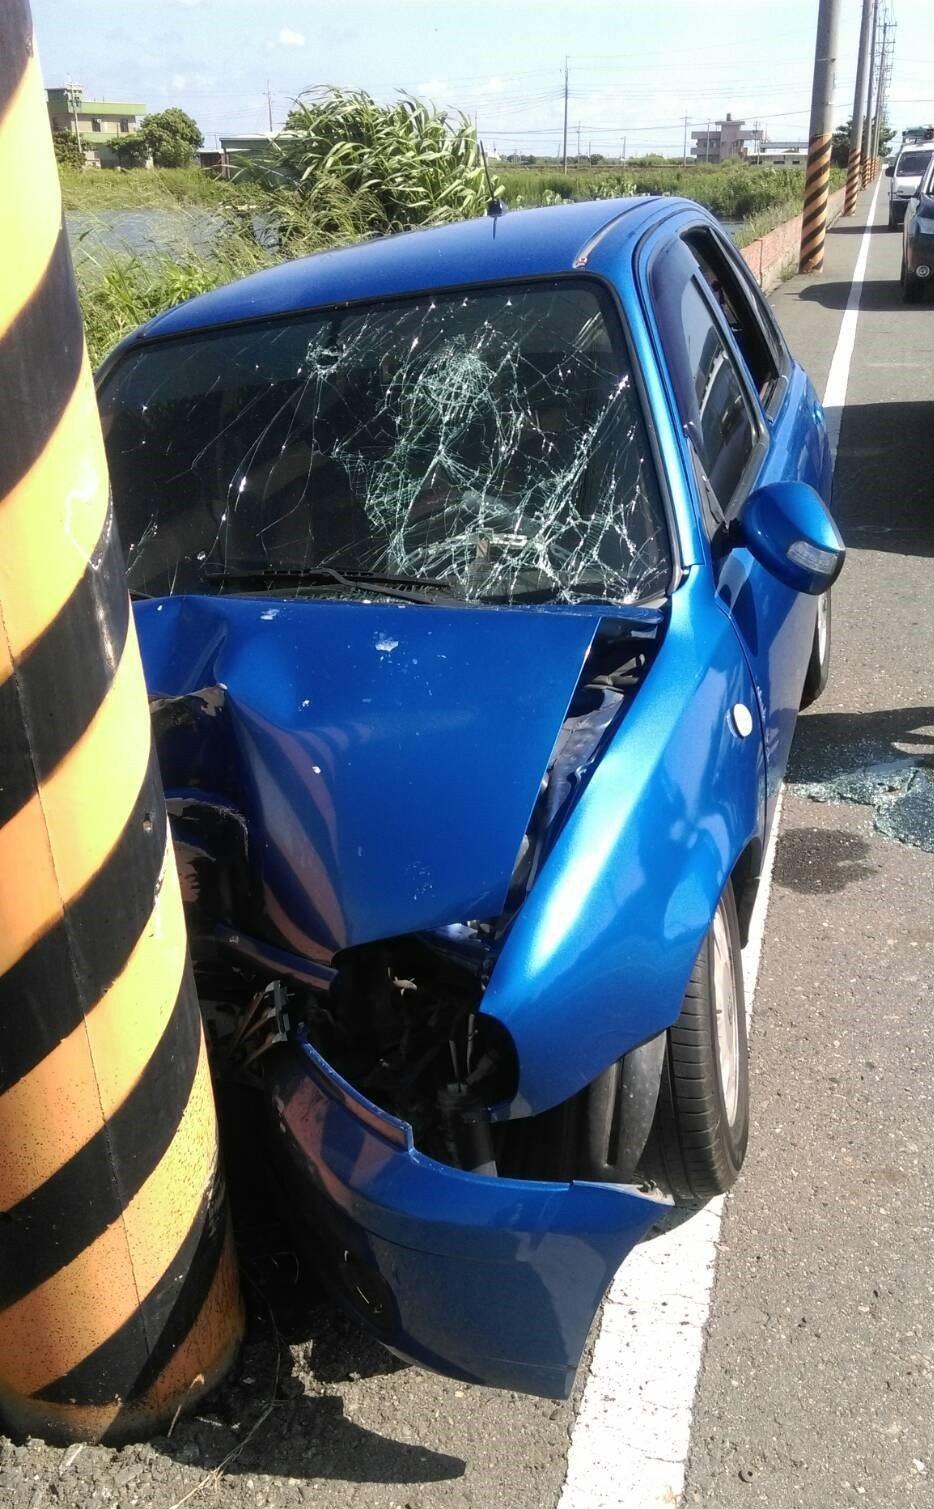 陳姓男子今天下午,疑酒駕車直接自撞路邊電線杆,車頭嚴重變形。圖片/讀者提供